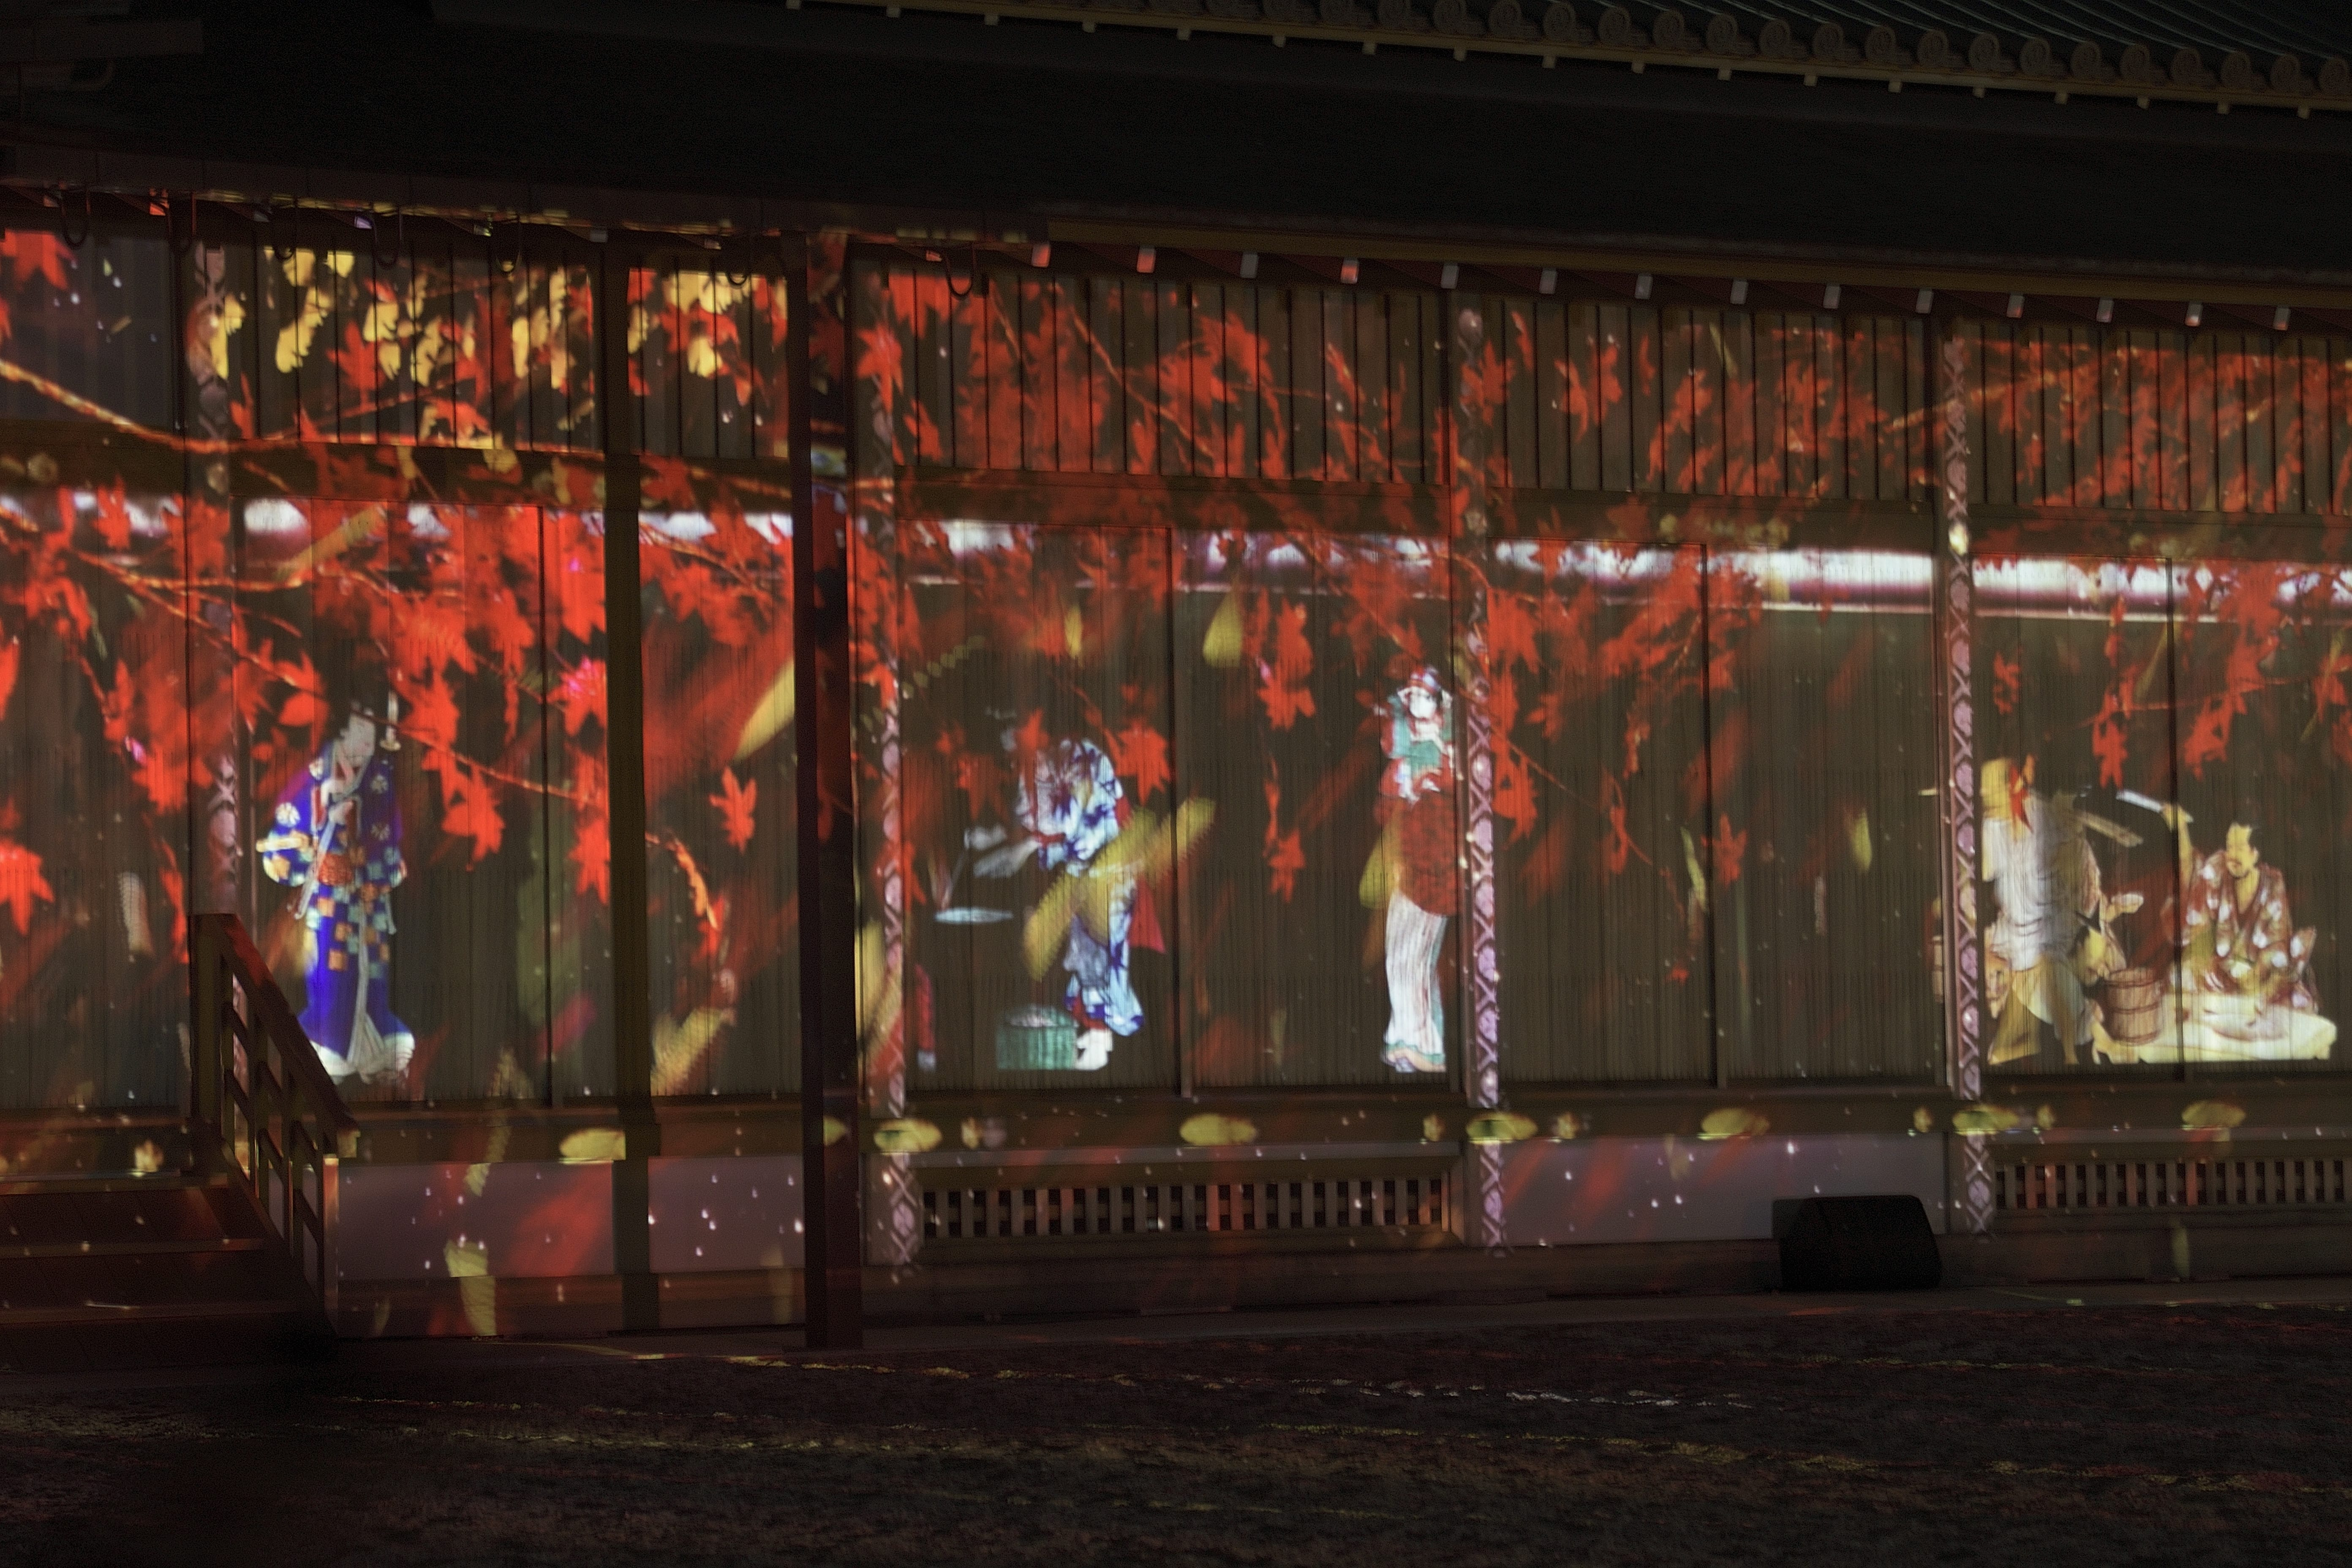 12月16日(日)まで、「名古屋城×NAKED」魅惑の夜景イベントを満喫してきた - DSC2475 min